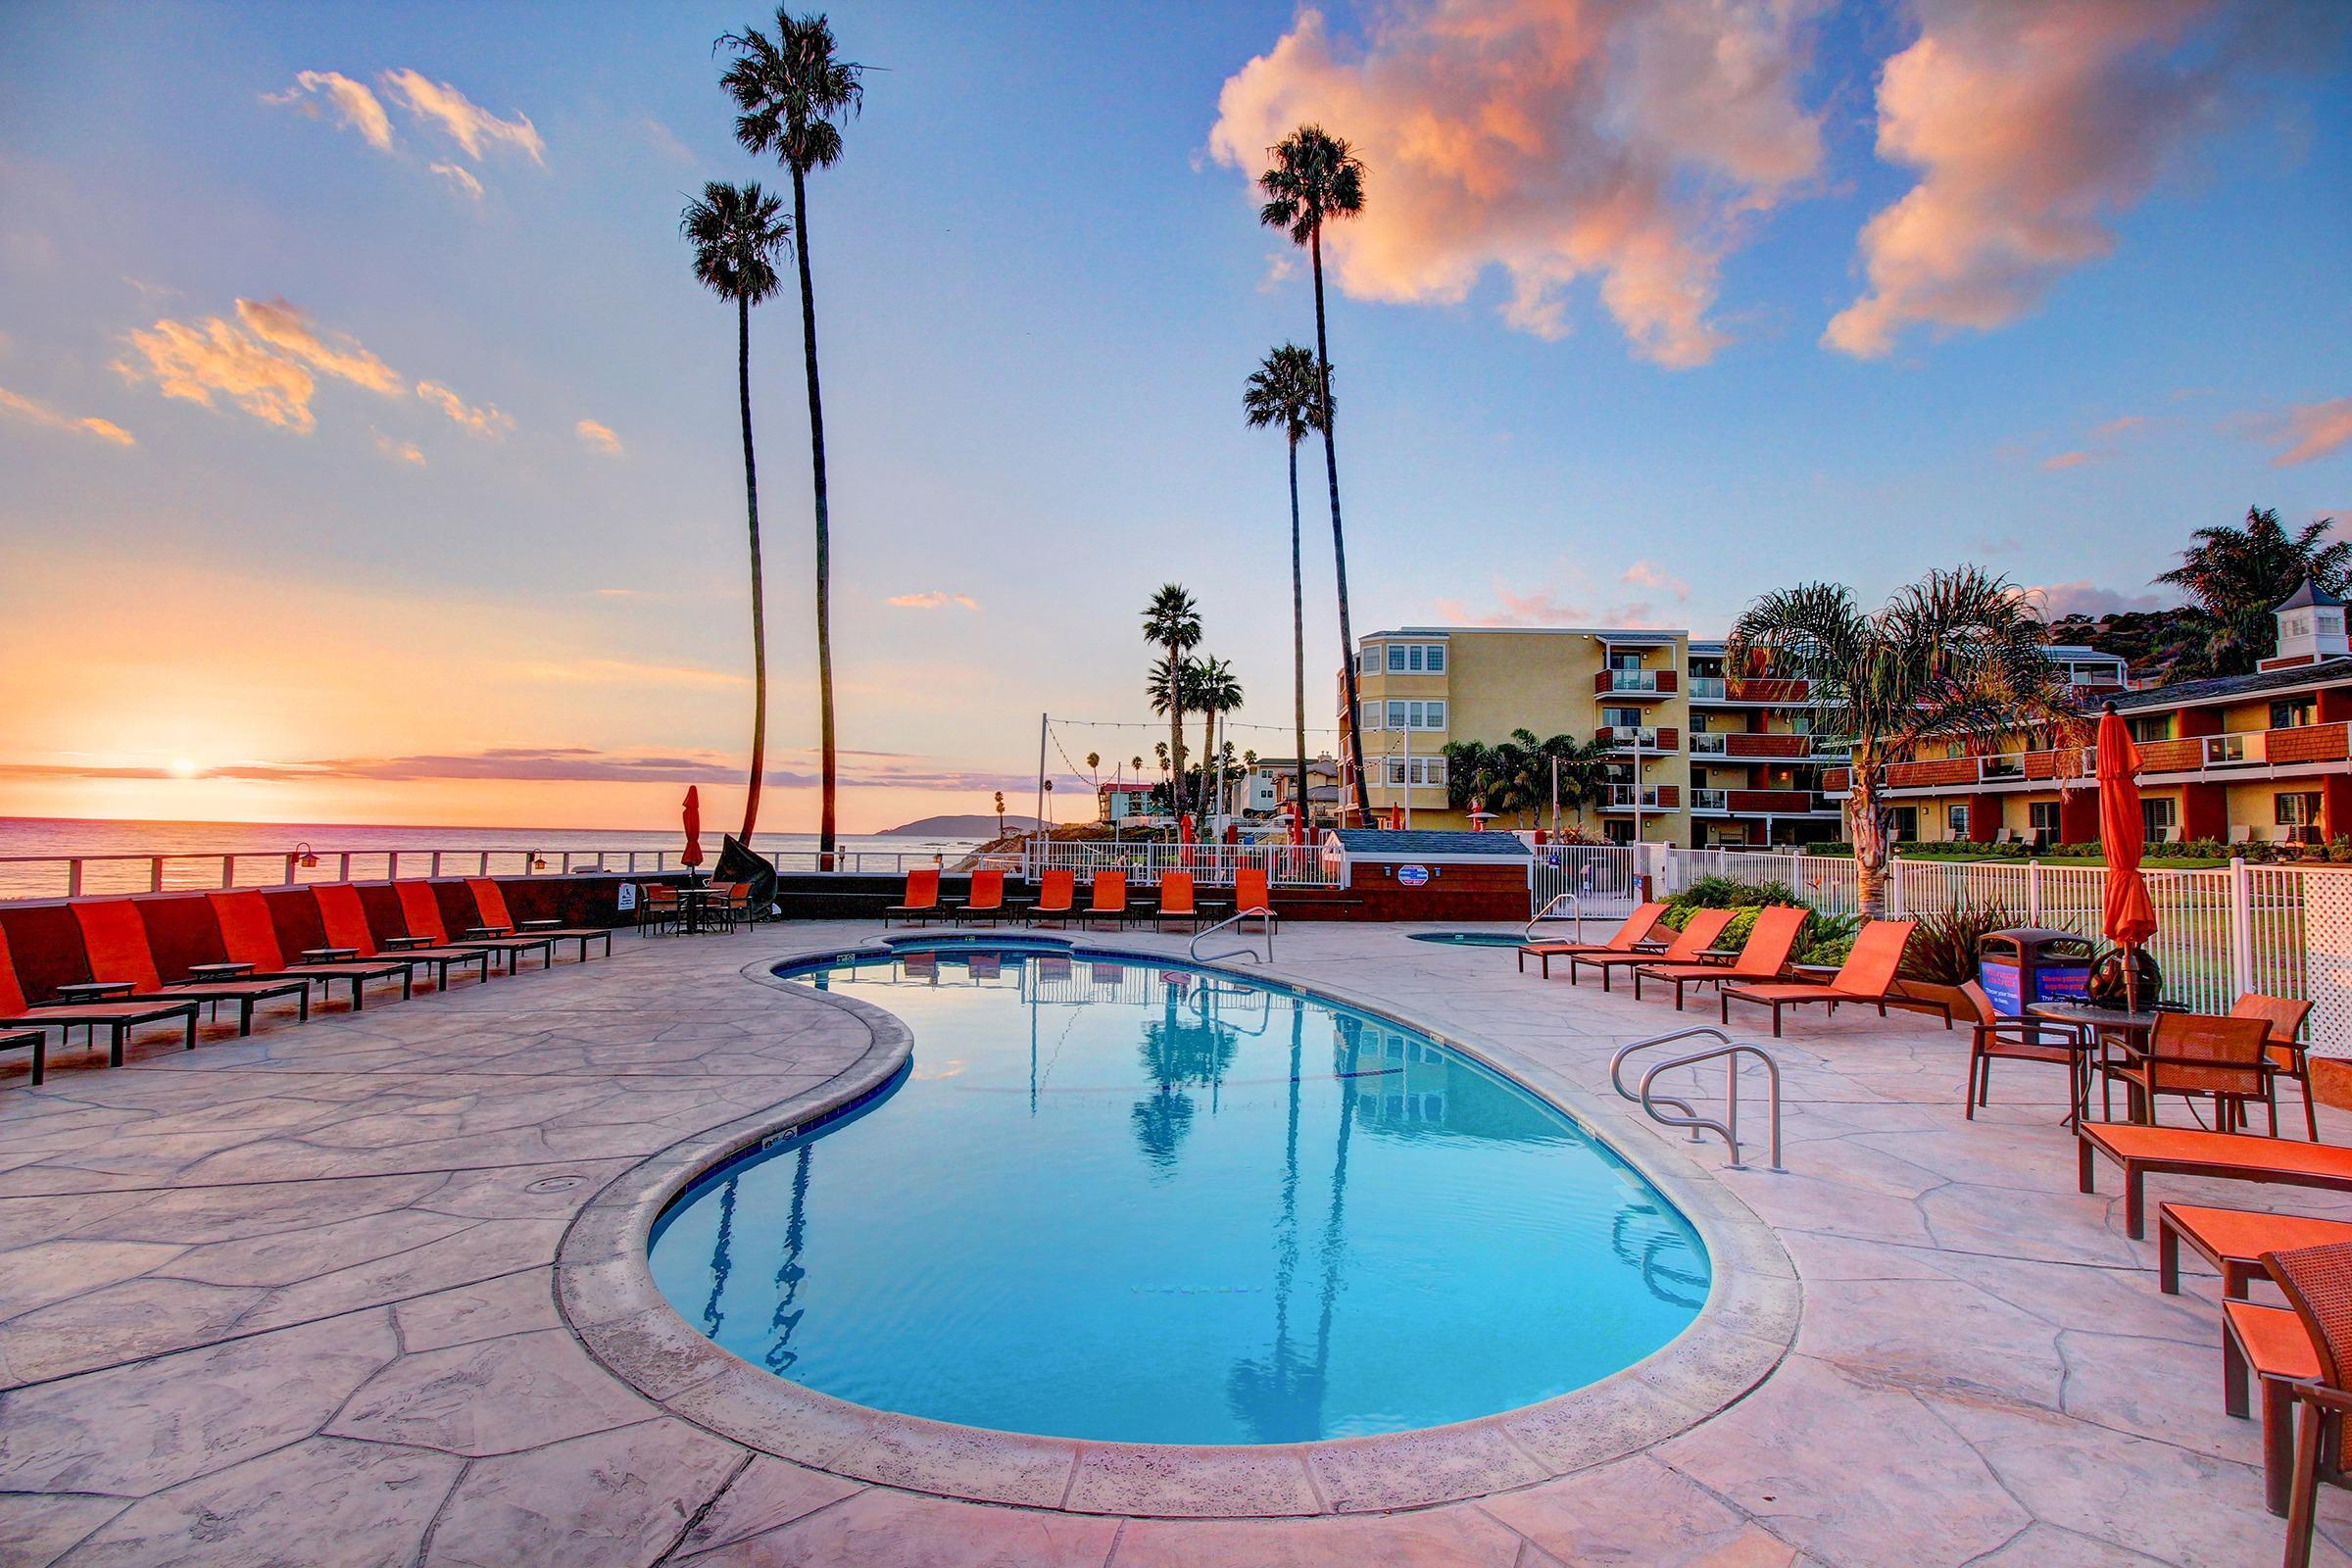 SeaCrest OceanFront Hotel image 0